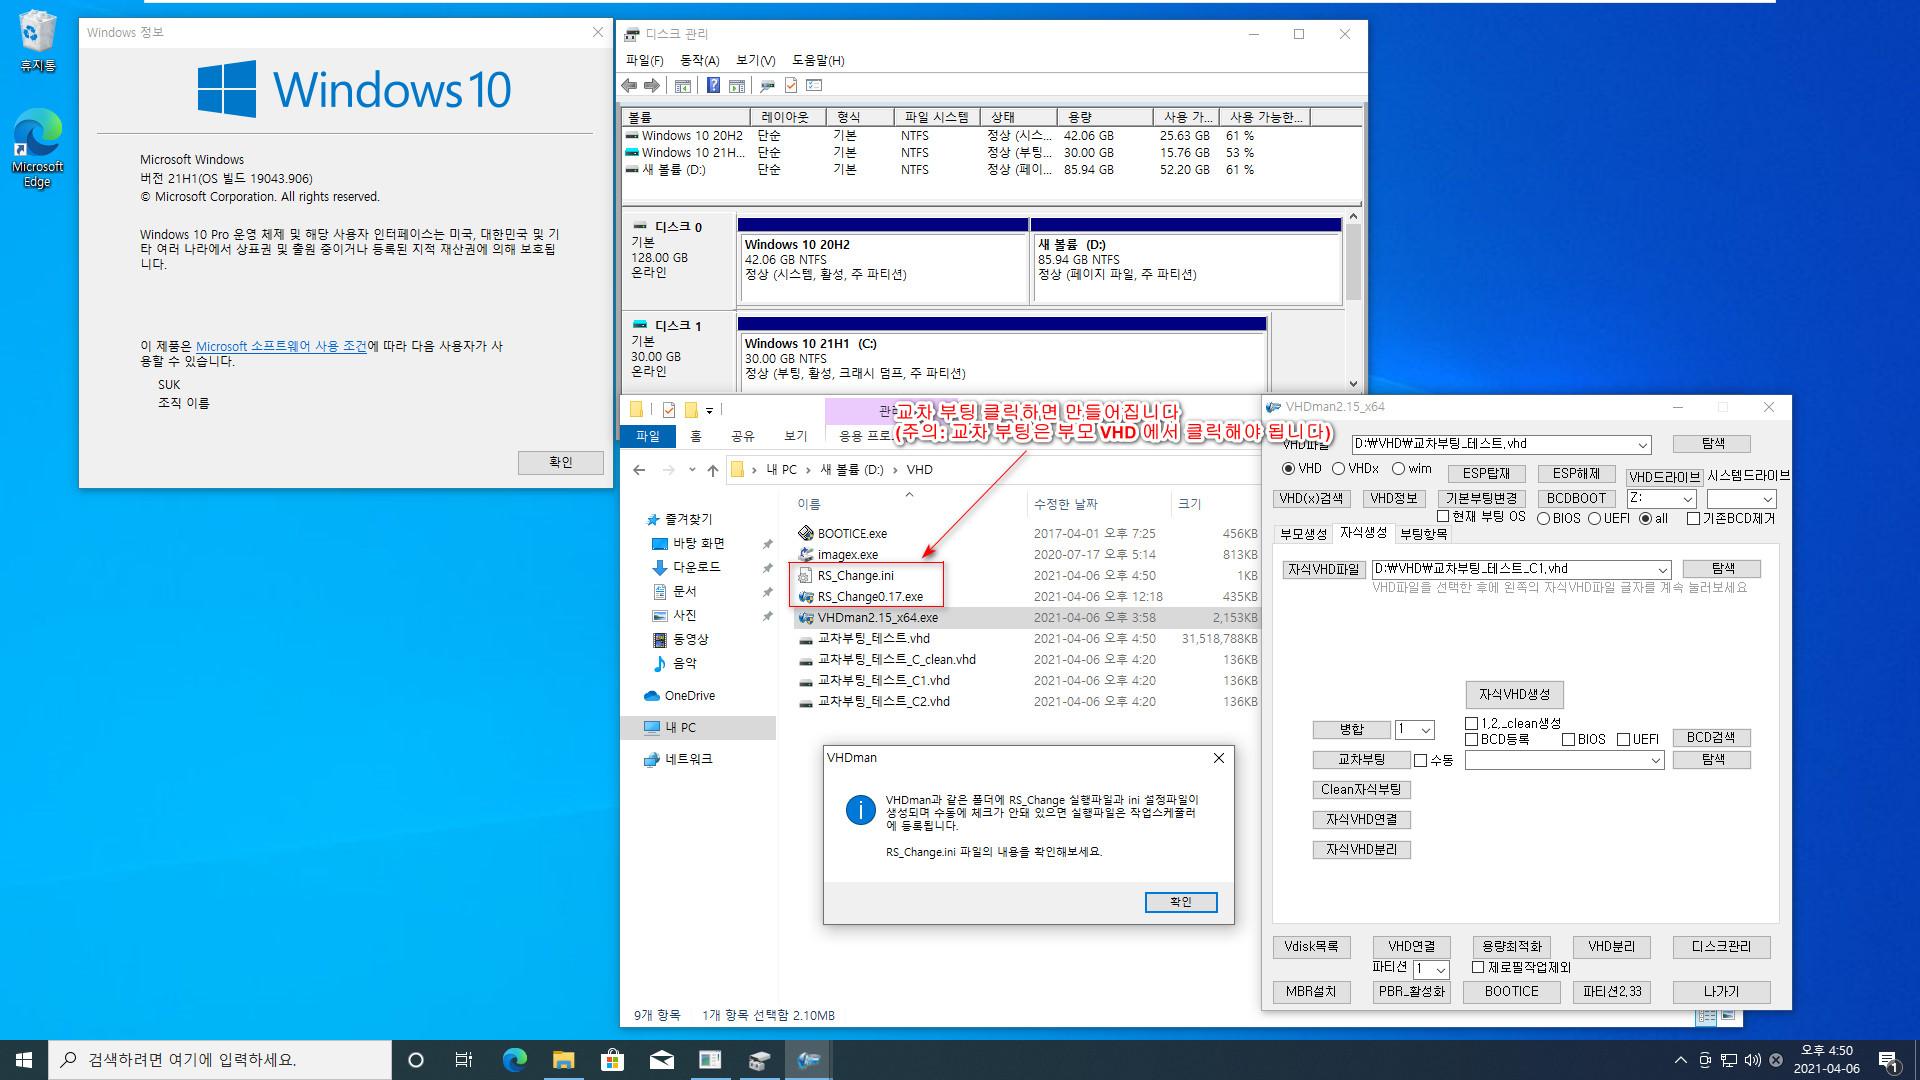 VHDman2.15으로 교차 부팅 테스트 2021-04-06_165036.jpg